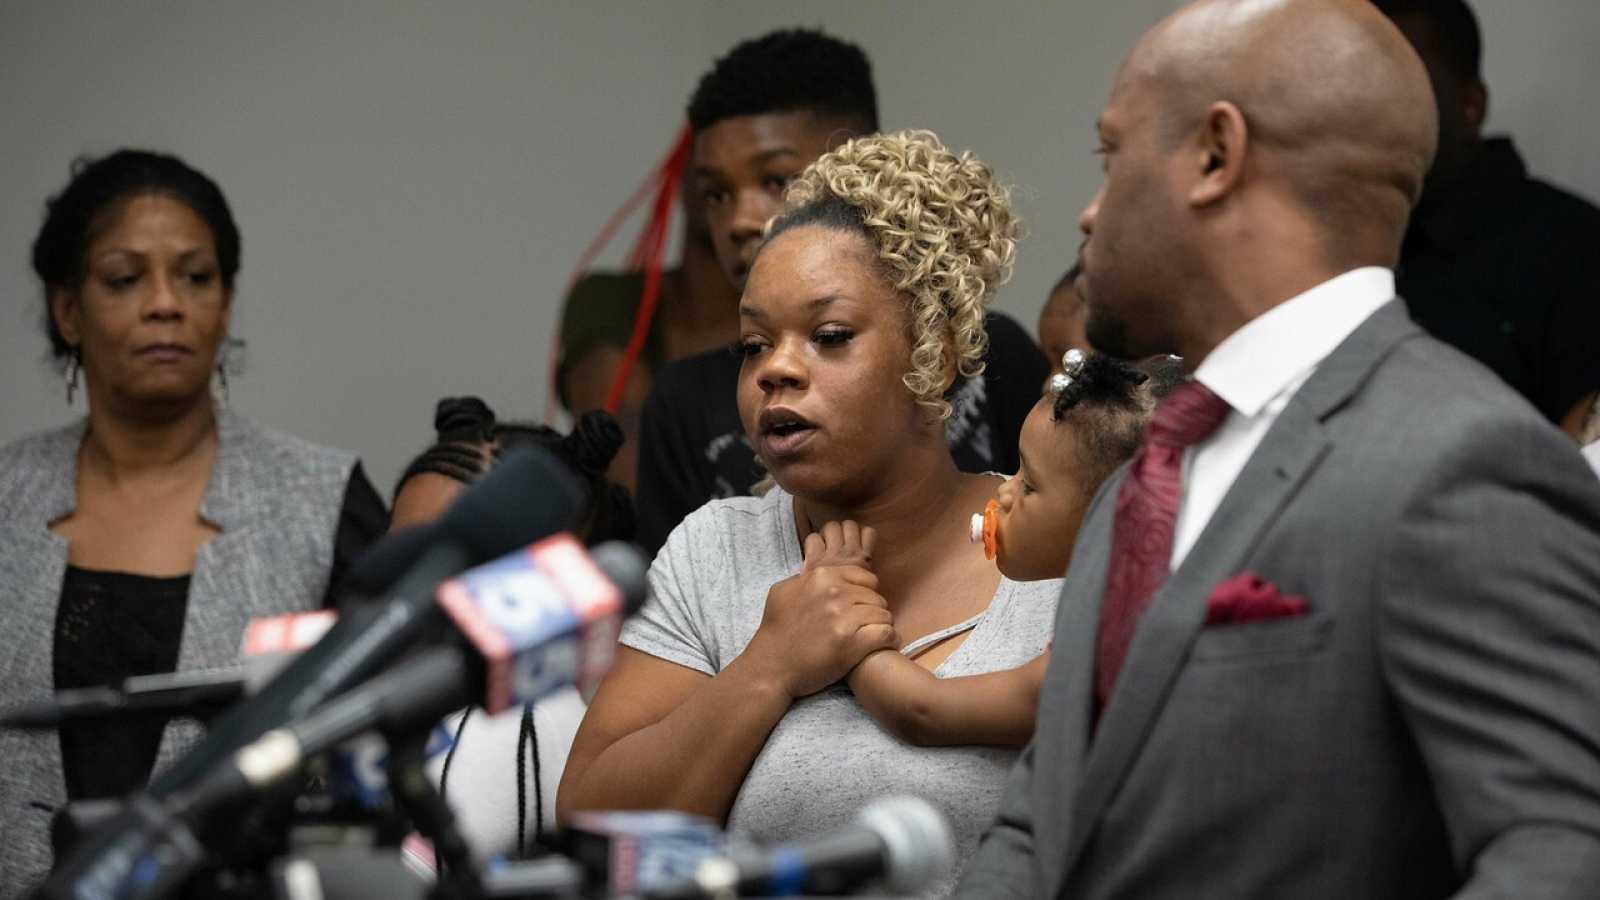 La familia del afroamericano asesinado en Atlanta pide un cambio en la mentalidad de la policía